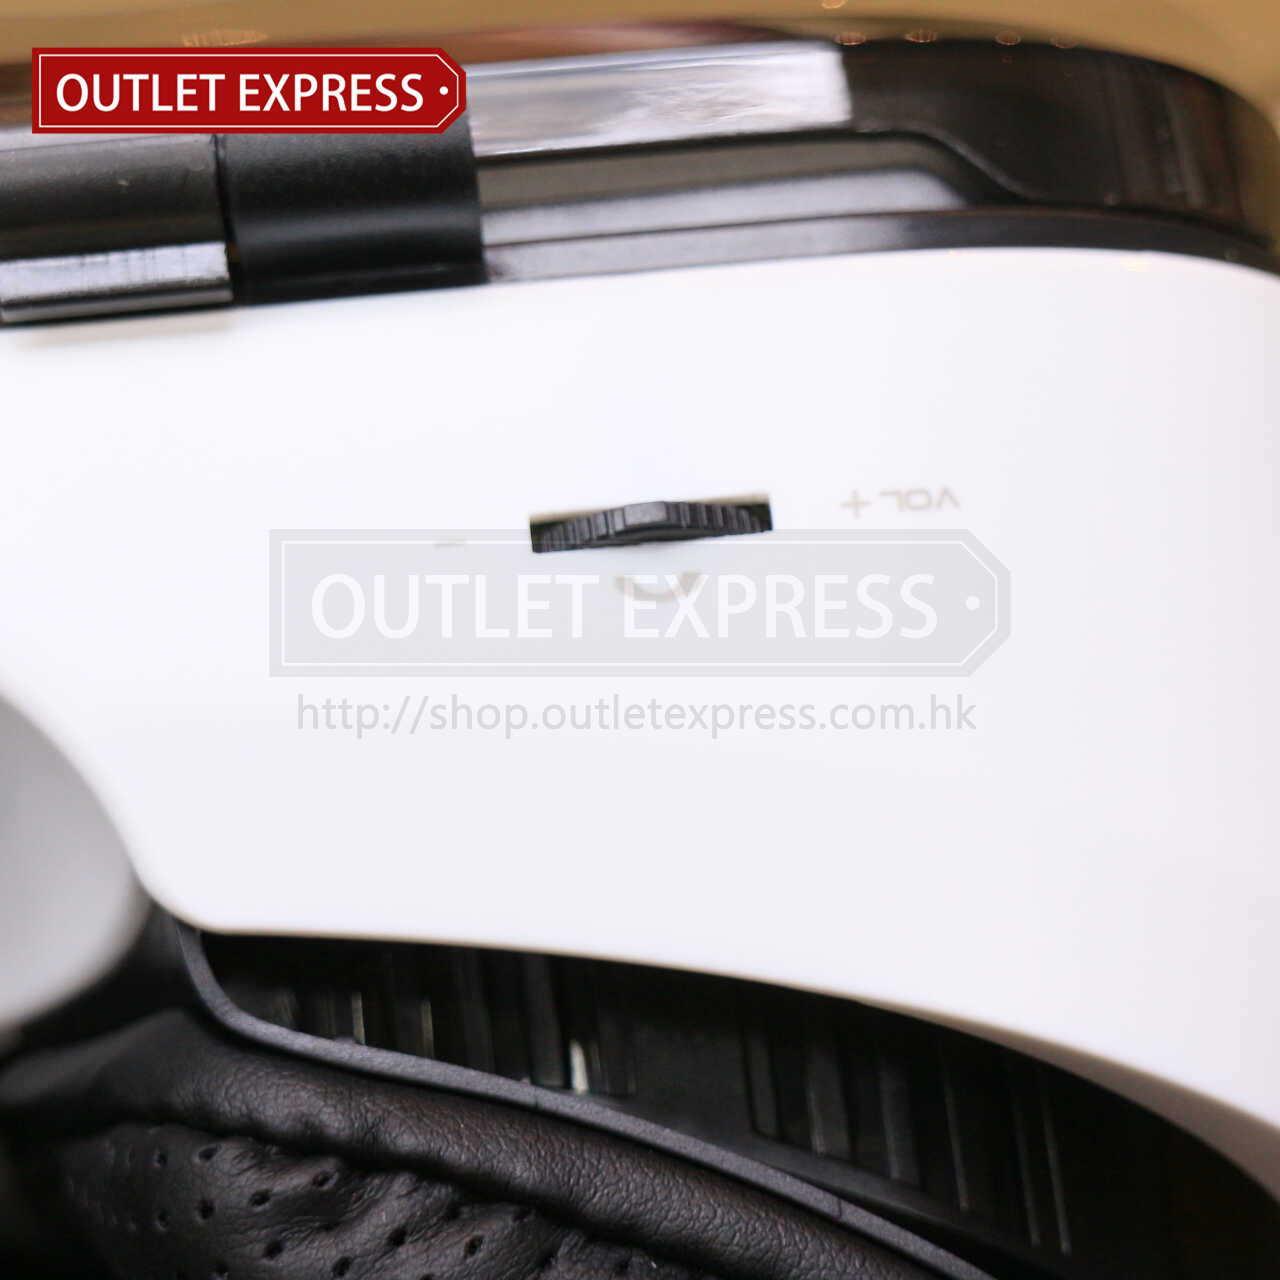 小宅魔鏡Z4 VR虛擬實境眼鏡 音量調節- Outlet Express HK生活百貨城實拍相片